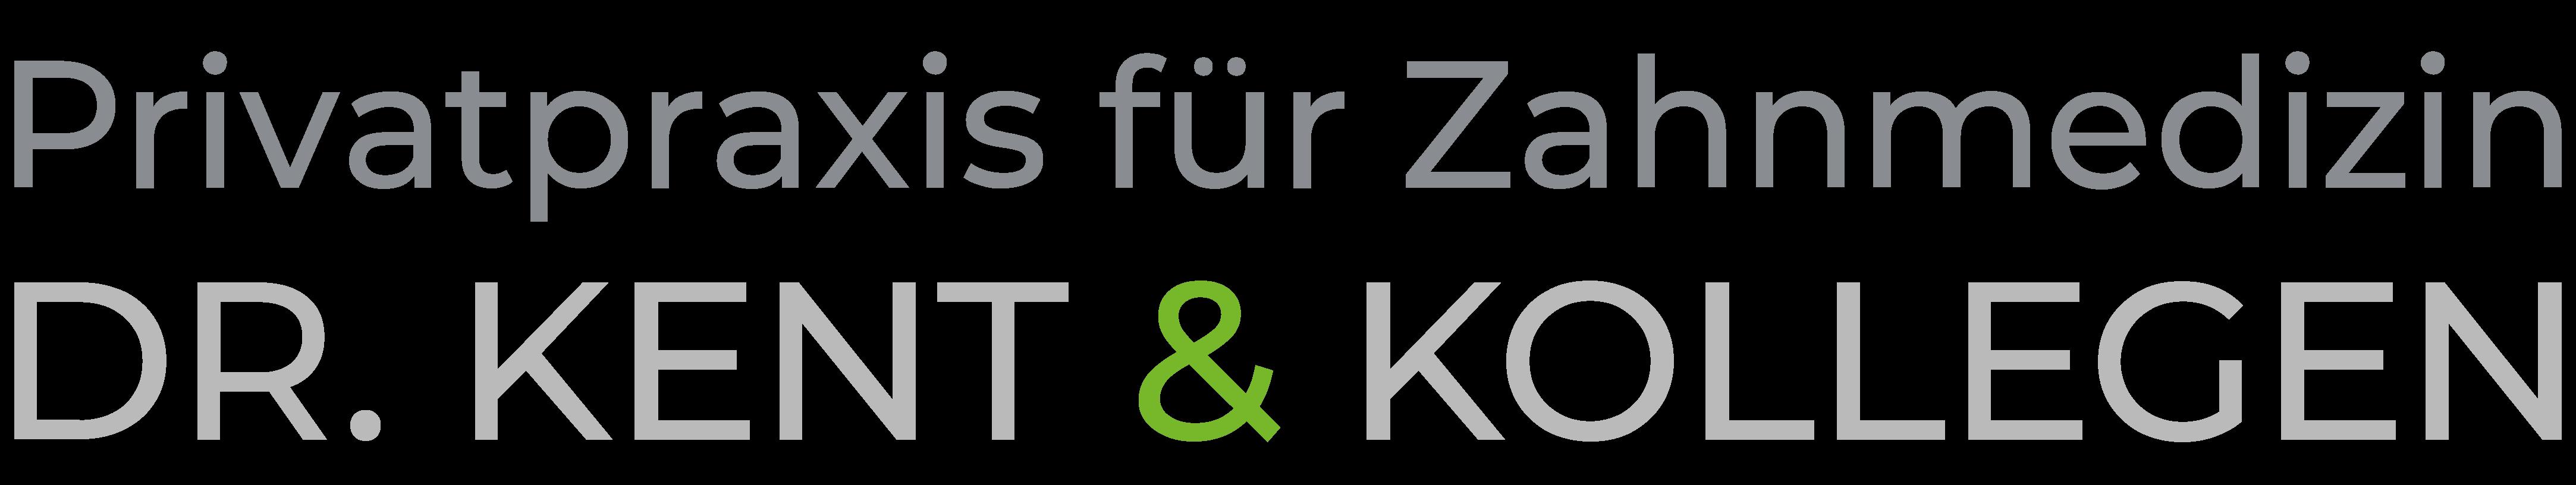 Dr. Kent & Kollegen – Privatpraxis für Zahnmedizin in Bochum